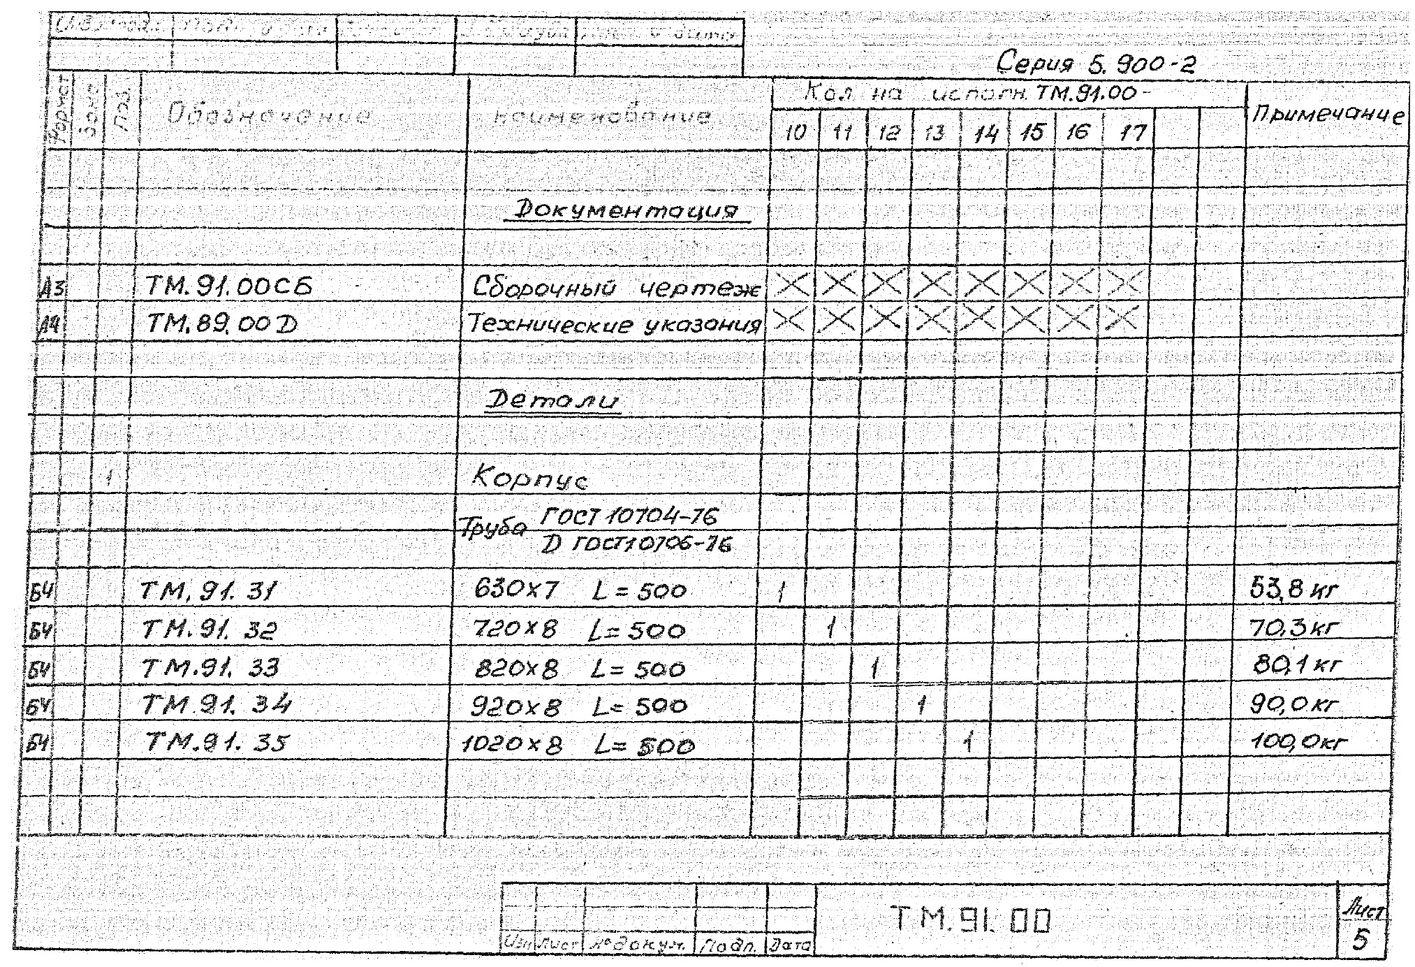 Сальники набивные ТМ.91.00 серия 5.900-2 стр.6